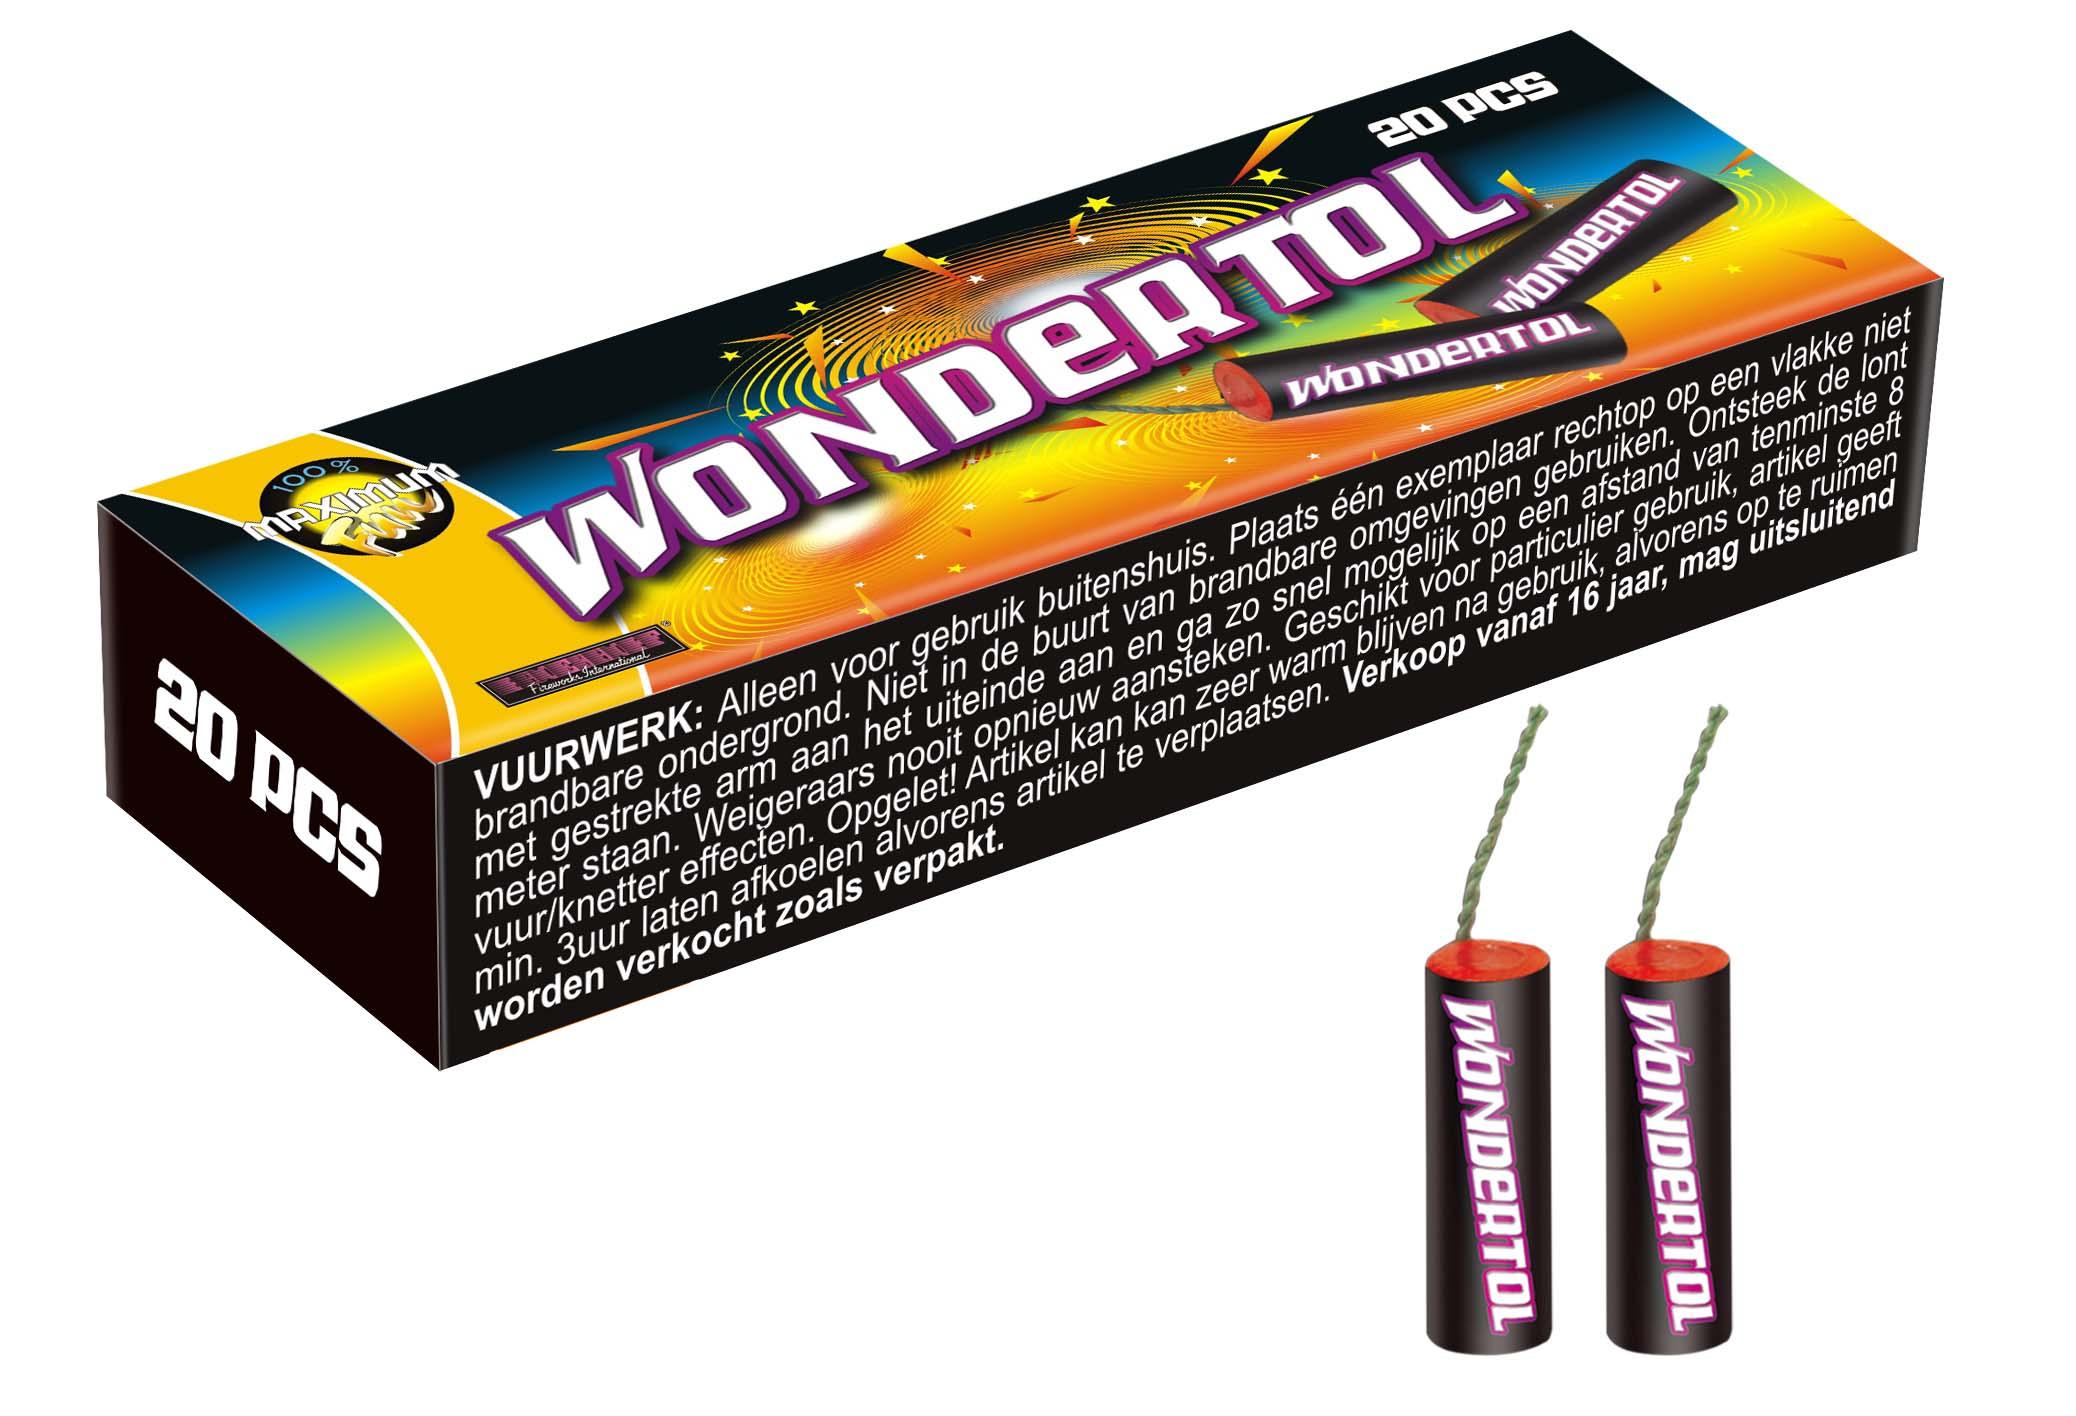 Wondertollen/Grondbloemen